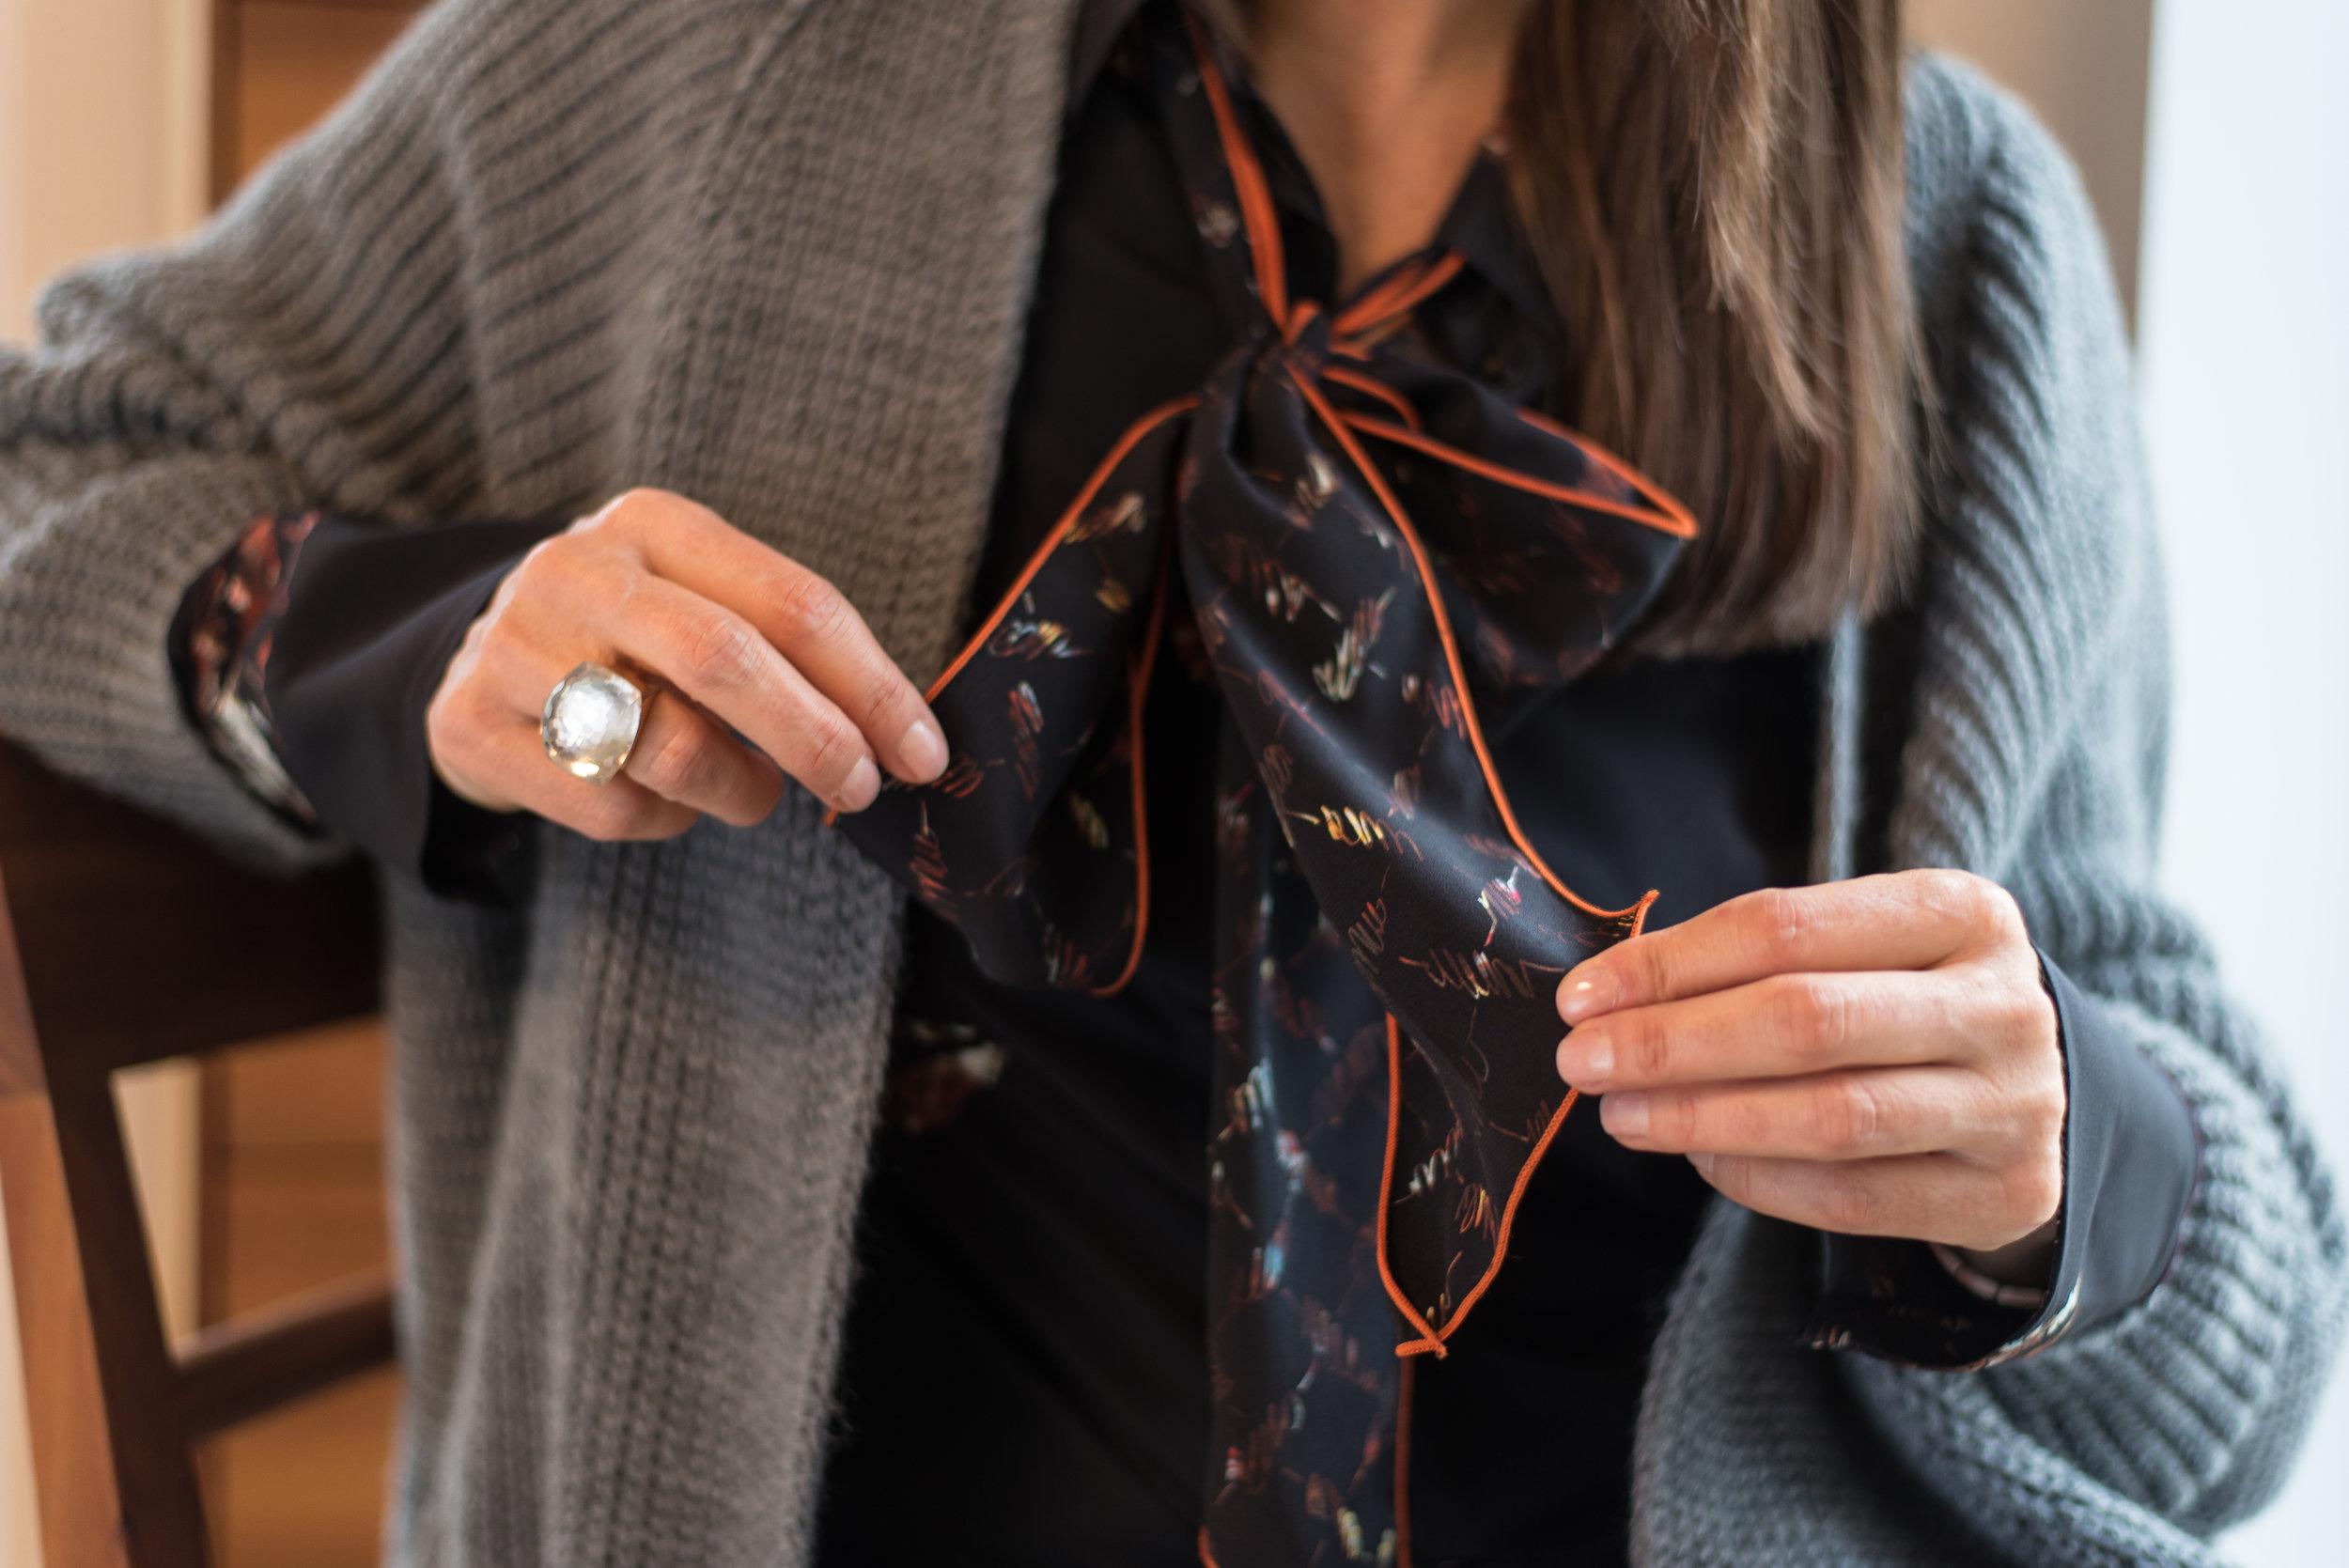 Beate Finken BeFifty Blog für Frauen ab 40 und ab 50. Mode, Fashion, Reise und Beauty. Nachhaltige Mode mit DAWN DENIM. Fair und organic. Wie stylt man einen Business-Look? Cooler und bequemer Look für die moderne Frau über 40 und über 50